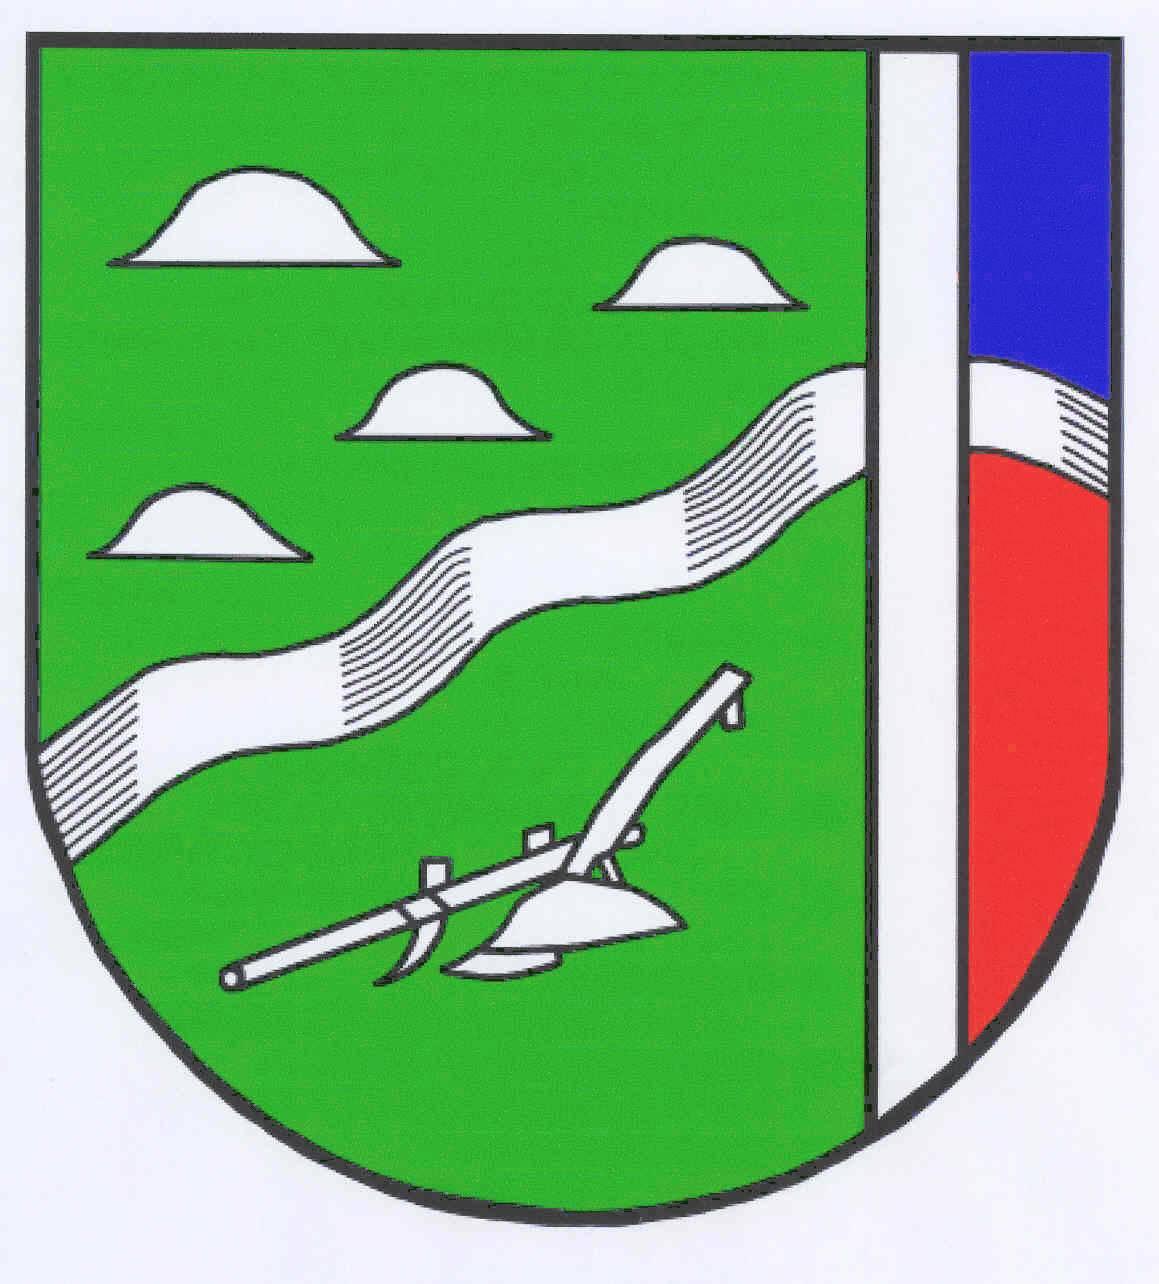 Wappen GemeindeLangeln, Kreis Pinneberg